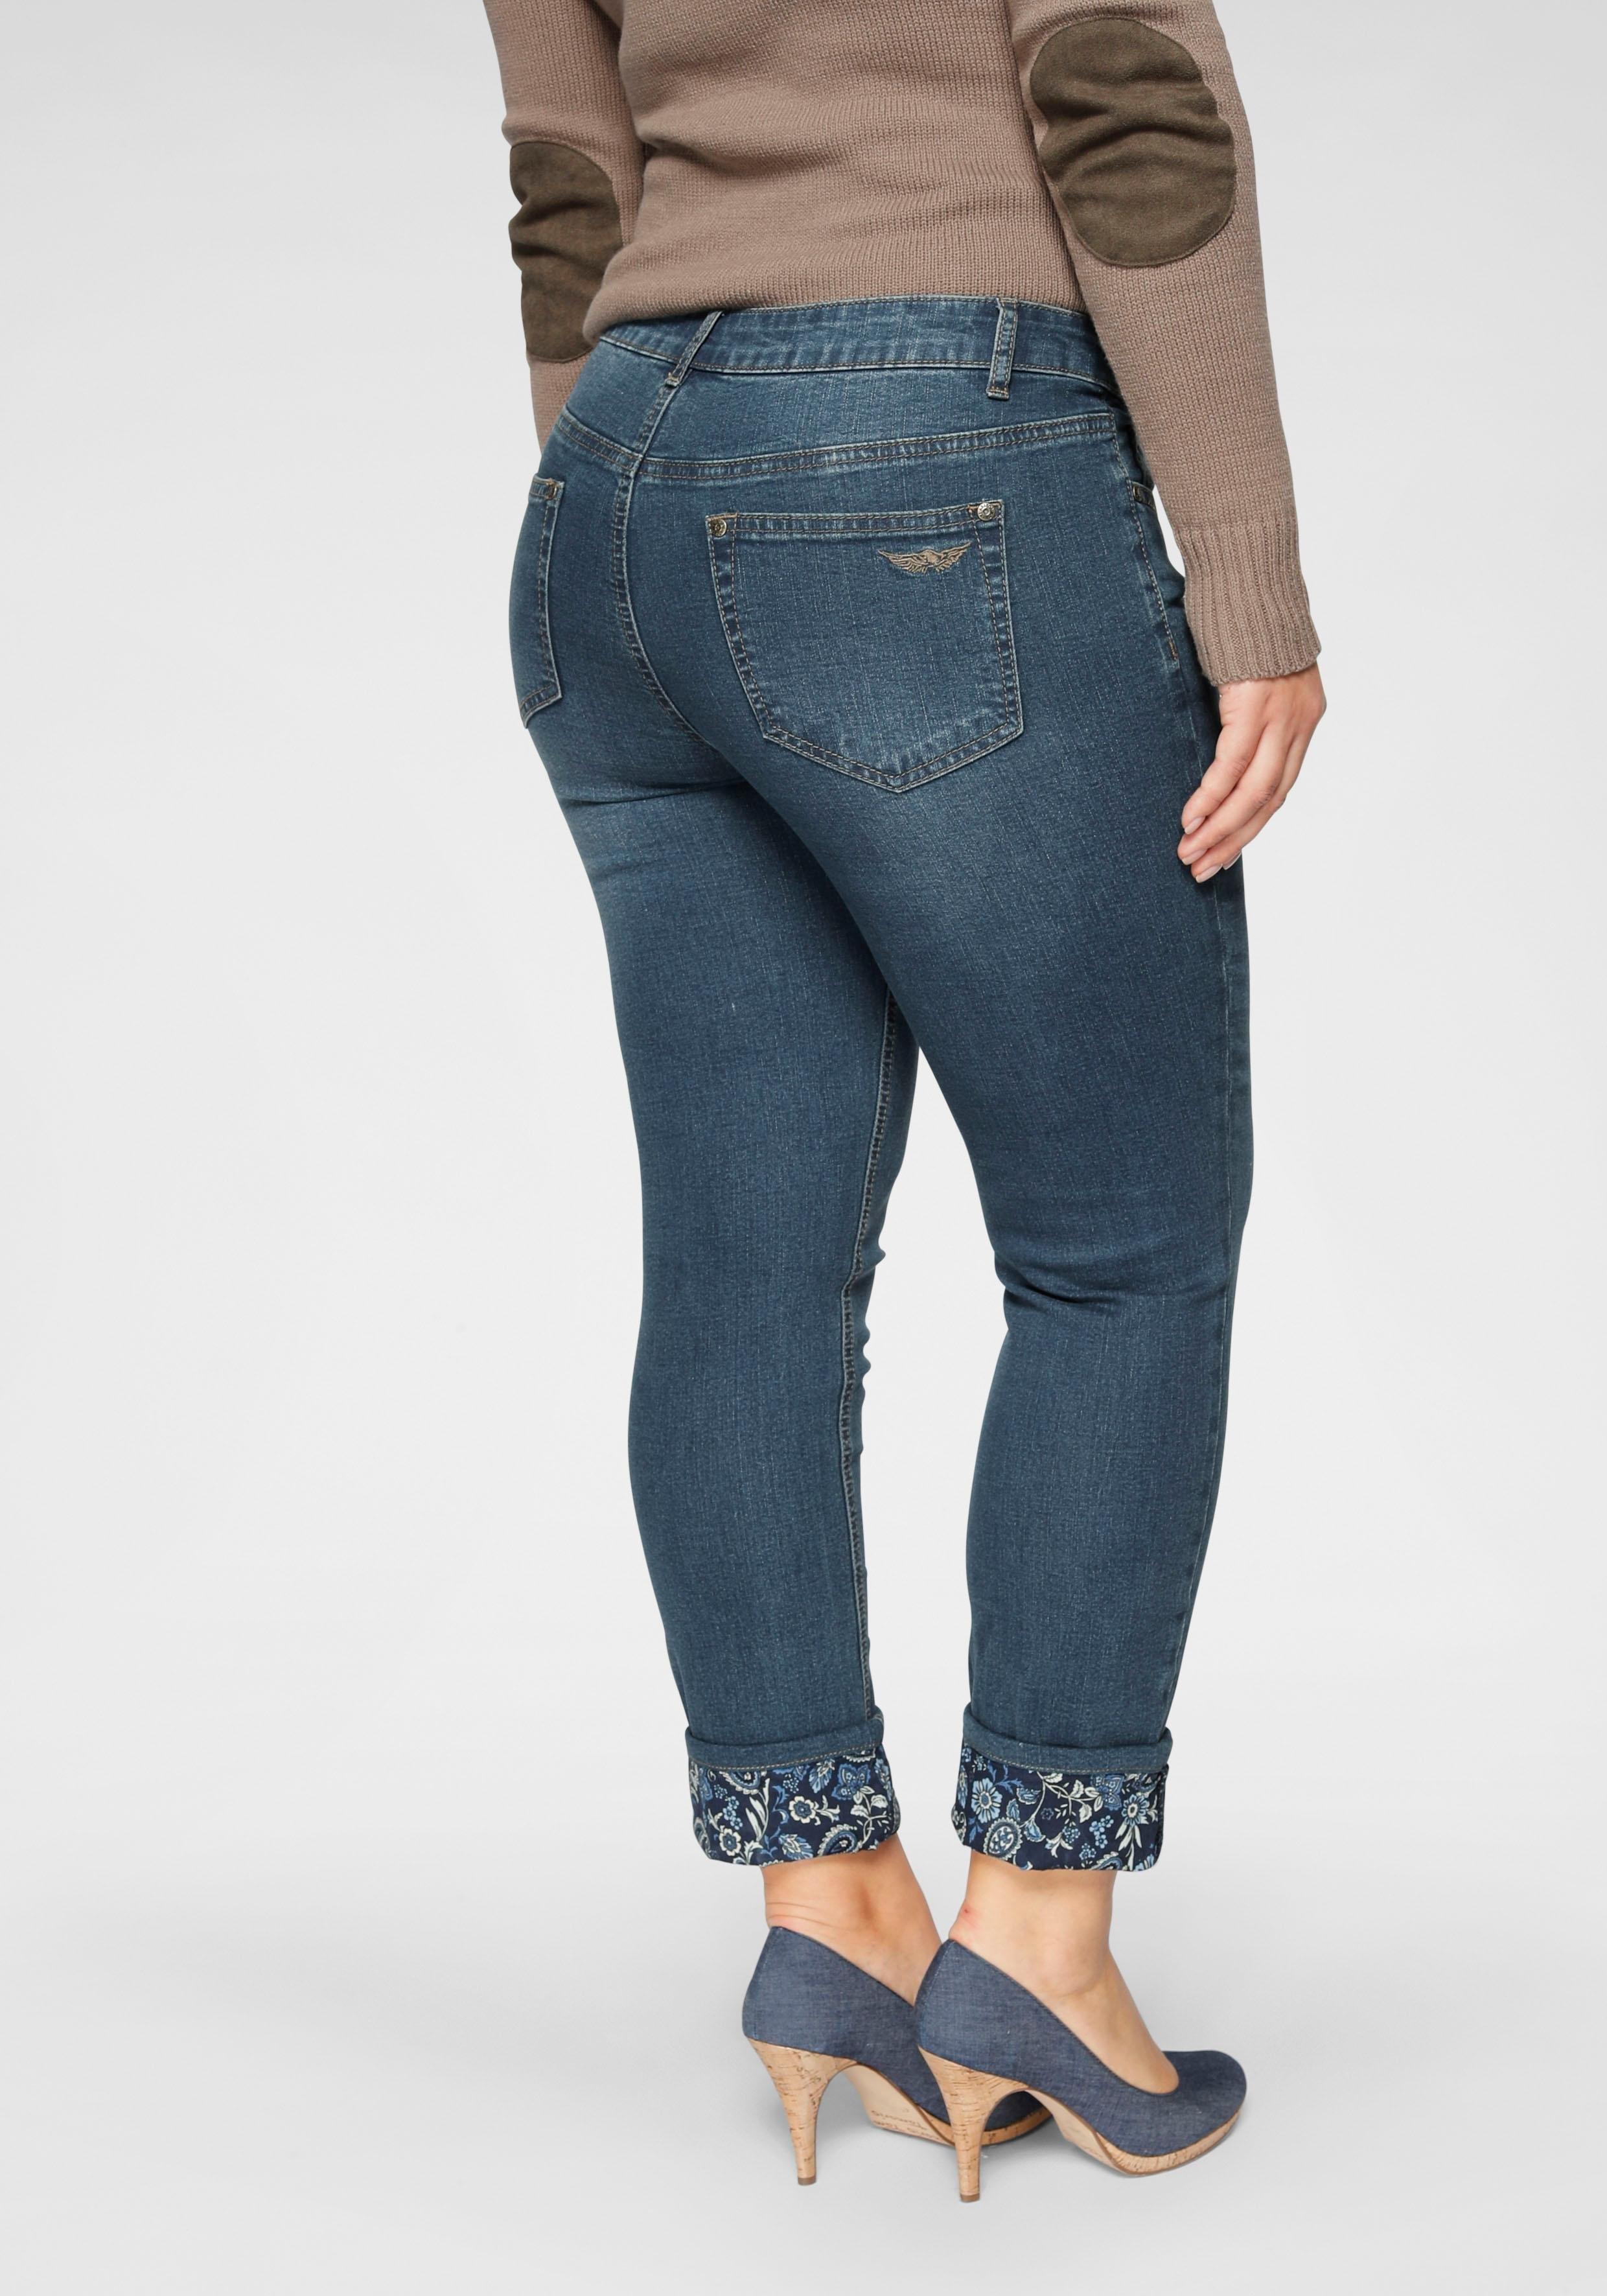 ARIZONA 7/8 jeans »Turn - Up mit floralem Print« - verschillende betaalmethodes